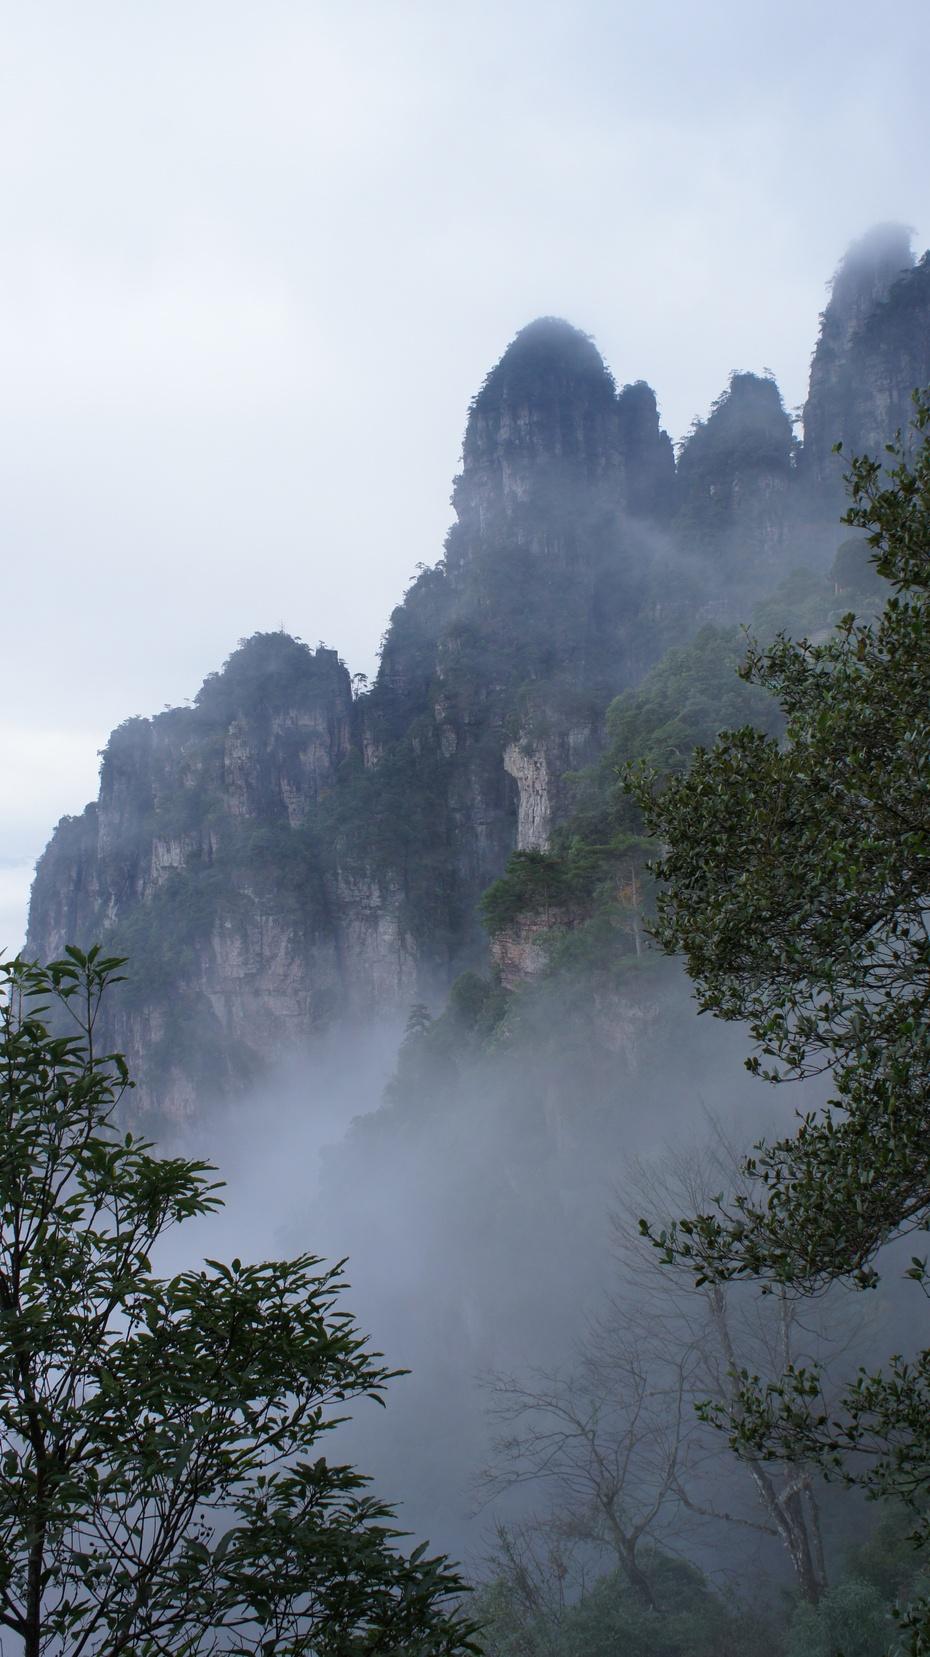 广西金秀:雄奇灵秀的莲花山 - 余昌国 - 我的博客